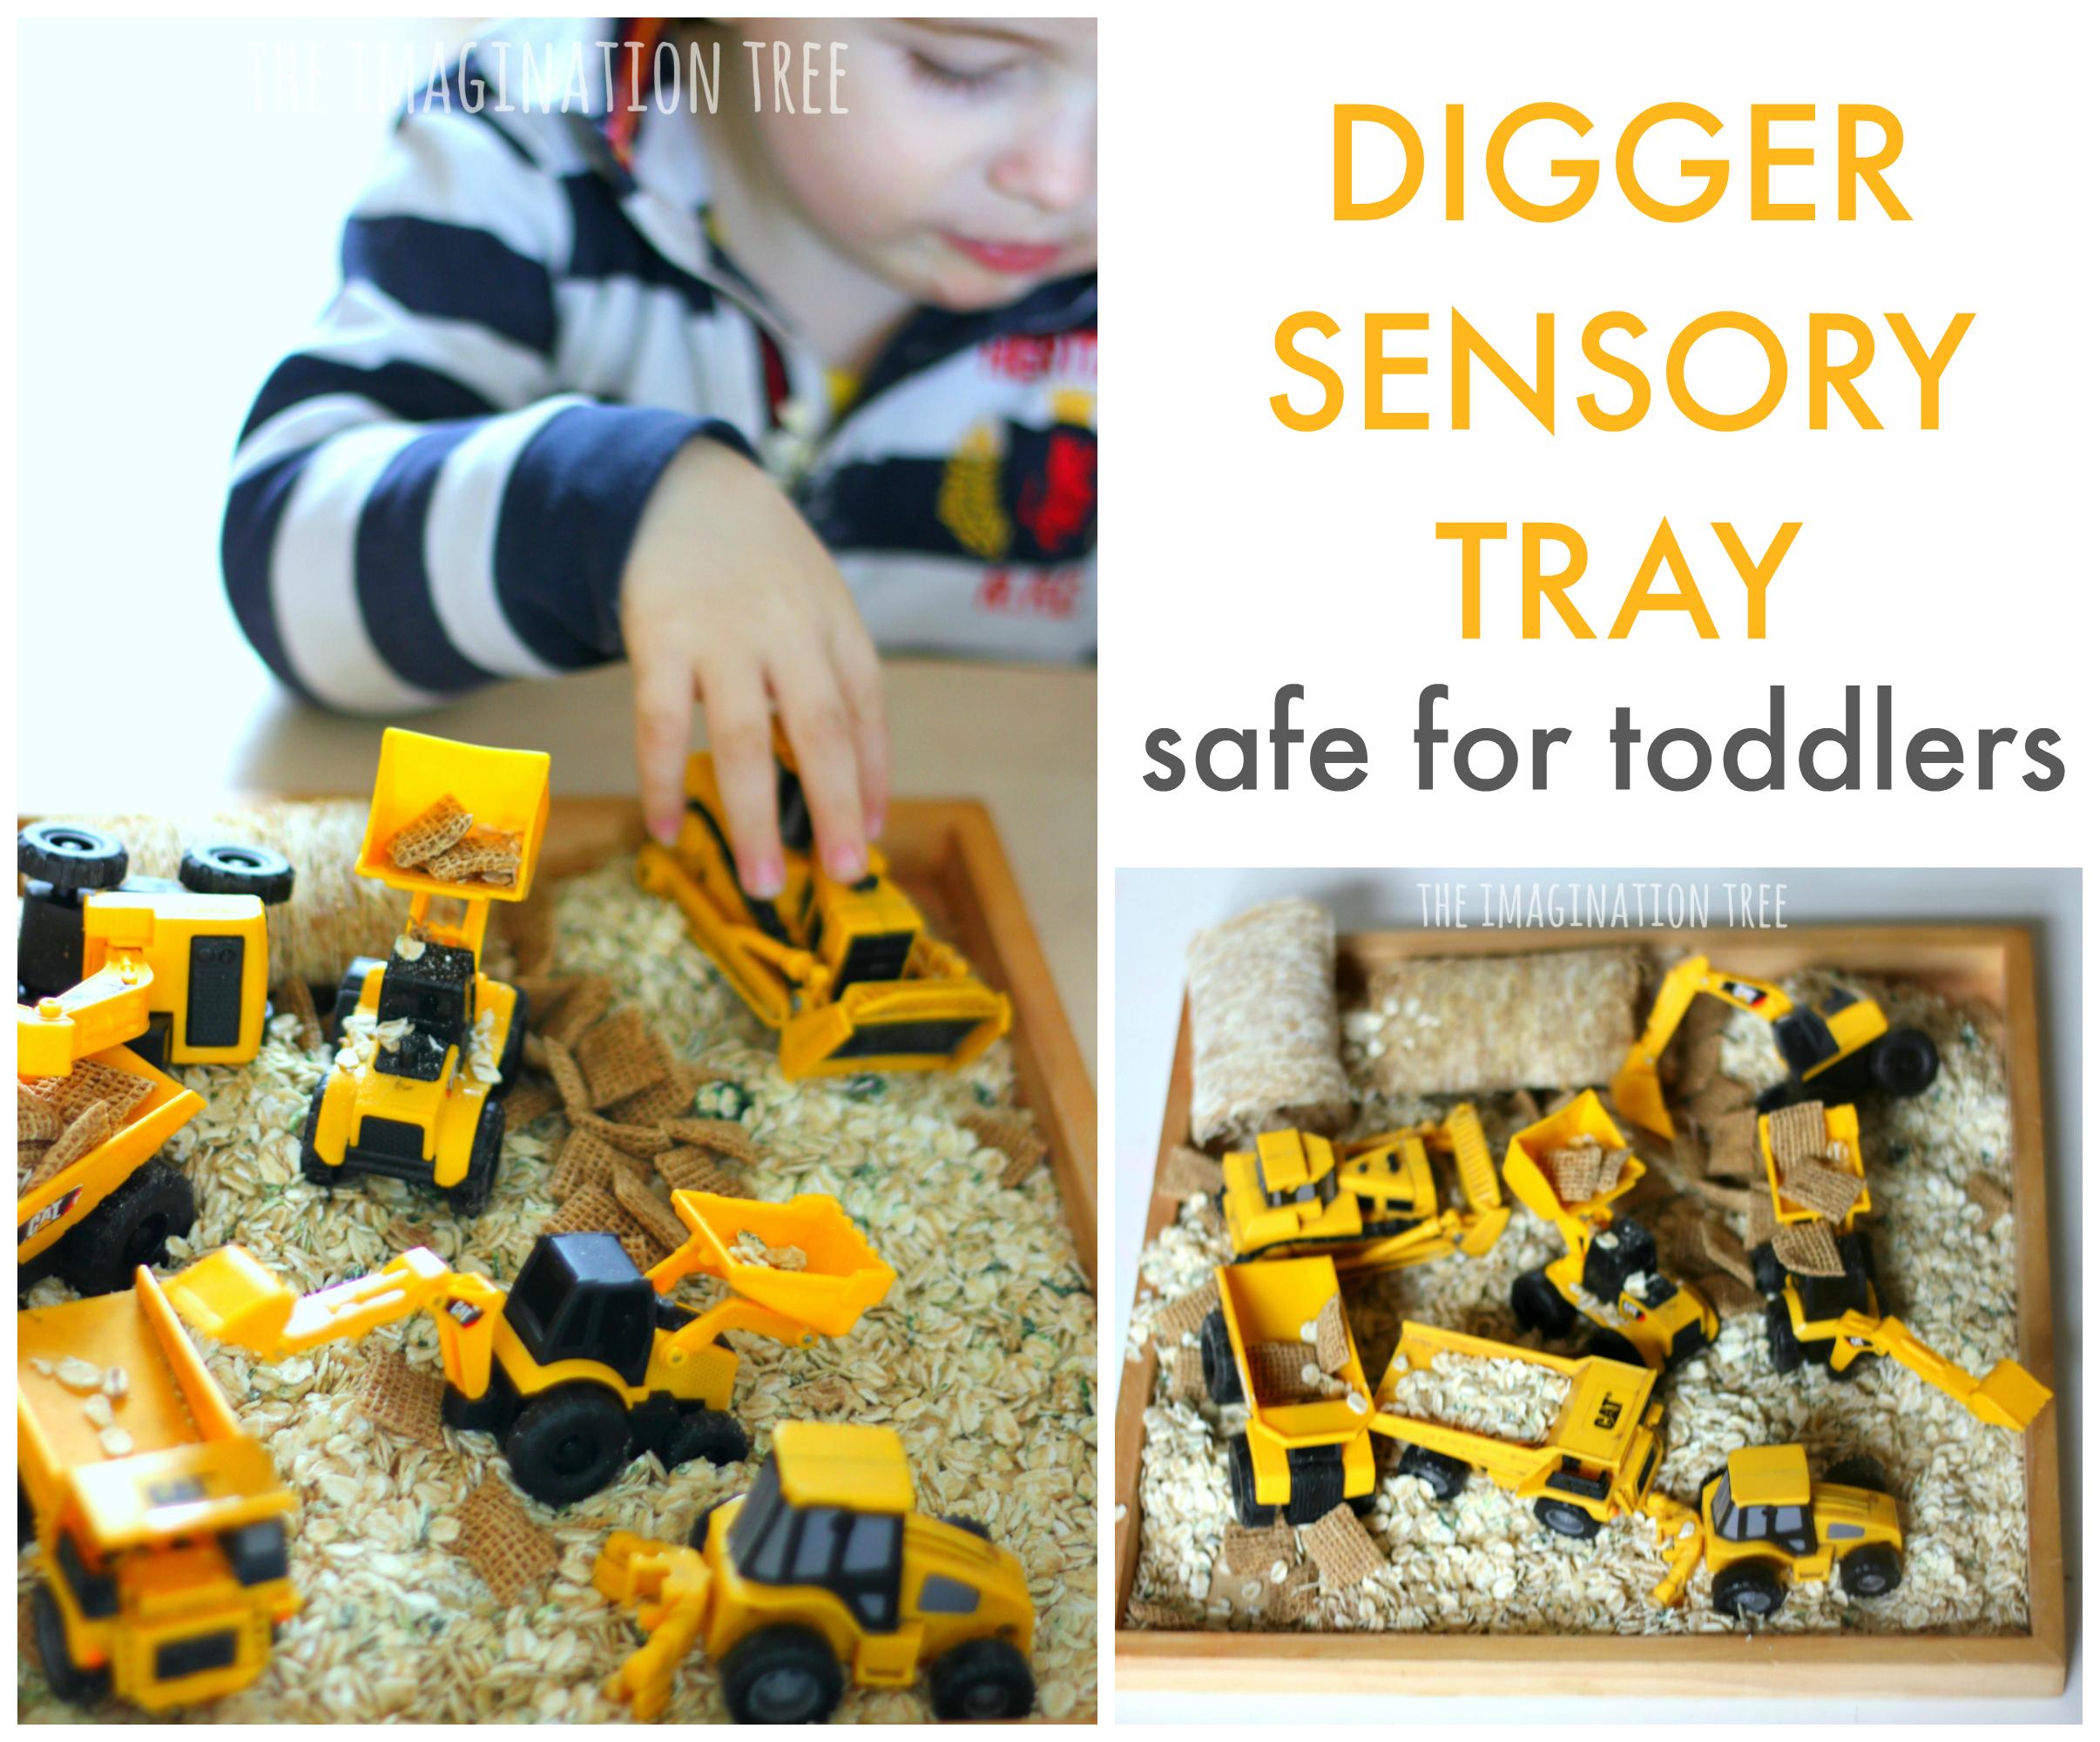 Taste Safe Digger Sensory Bin For Toddlers The